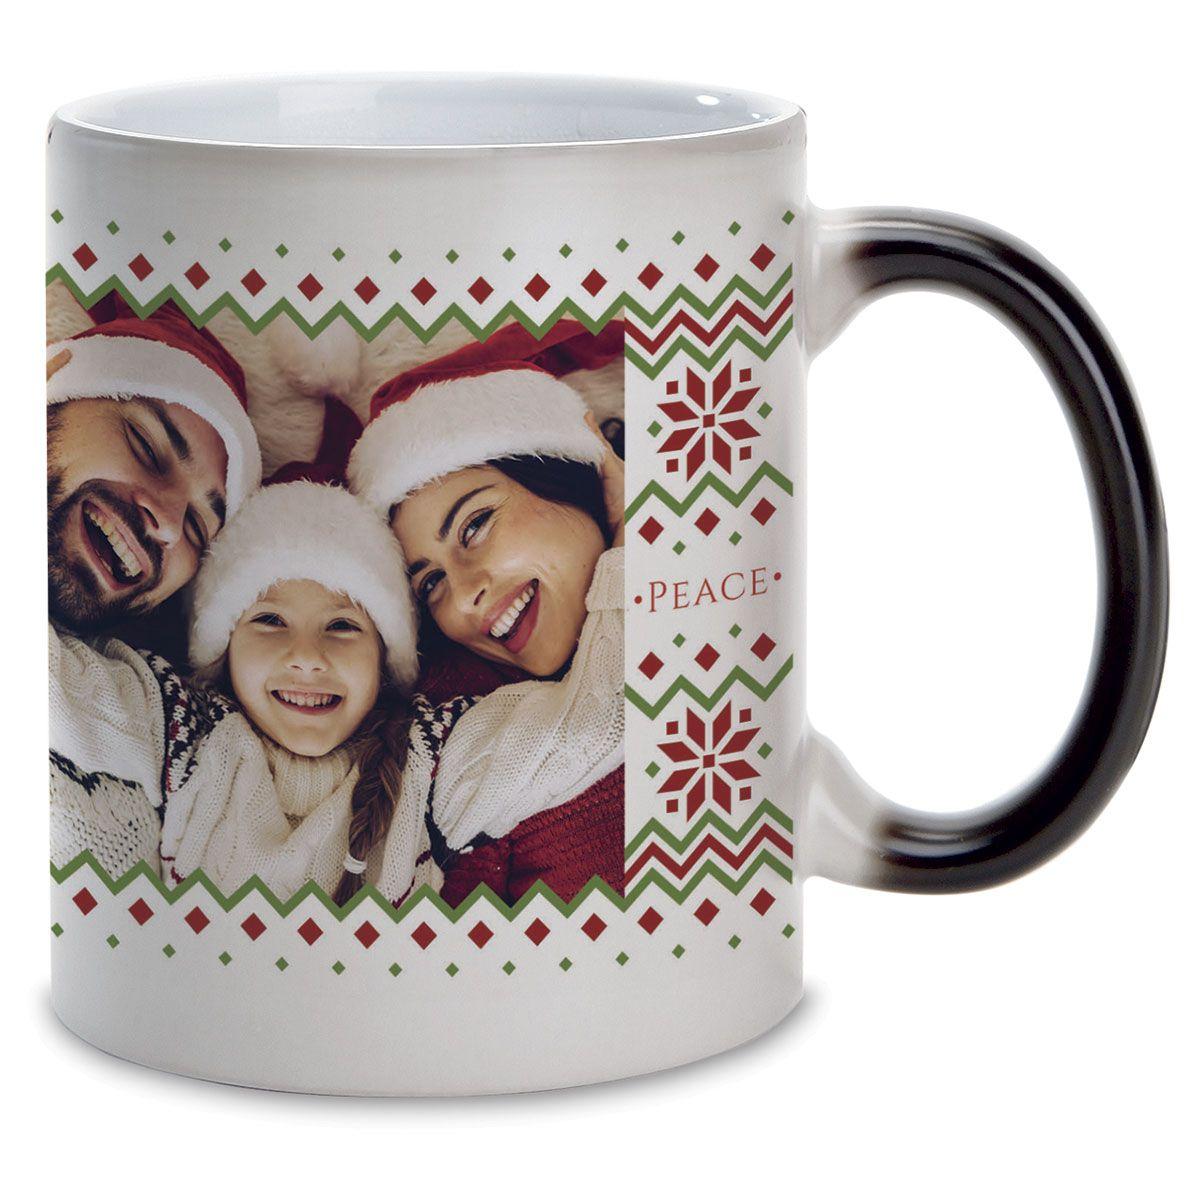 Sweater Personalized Photo Mug